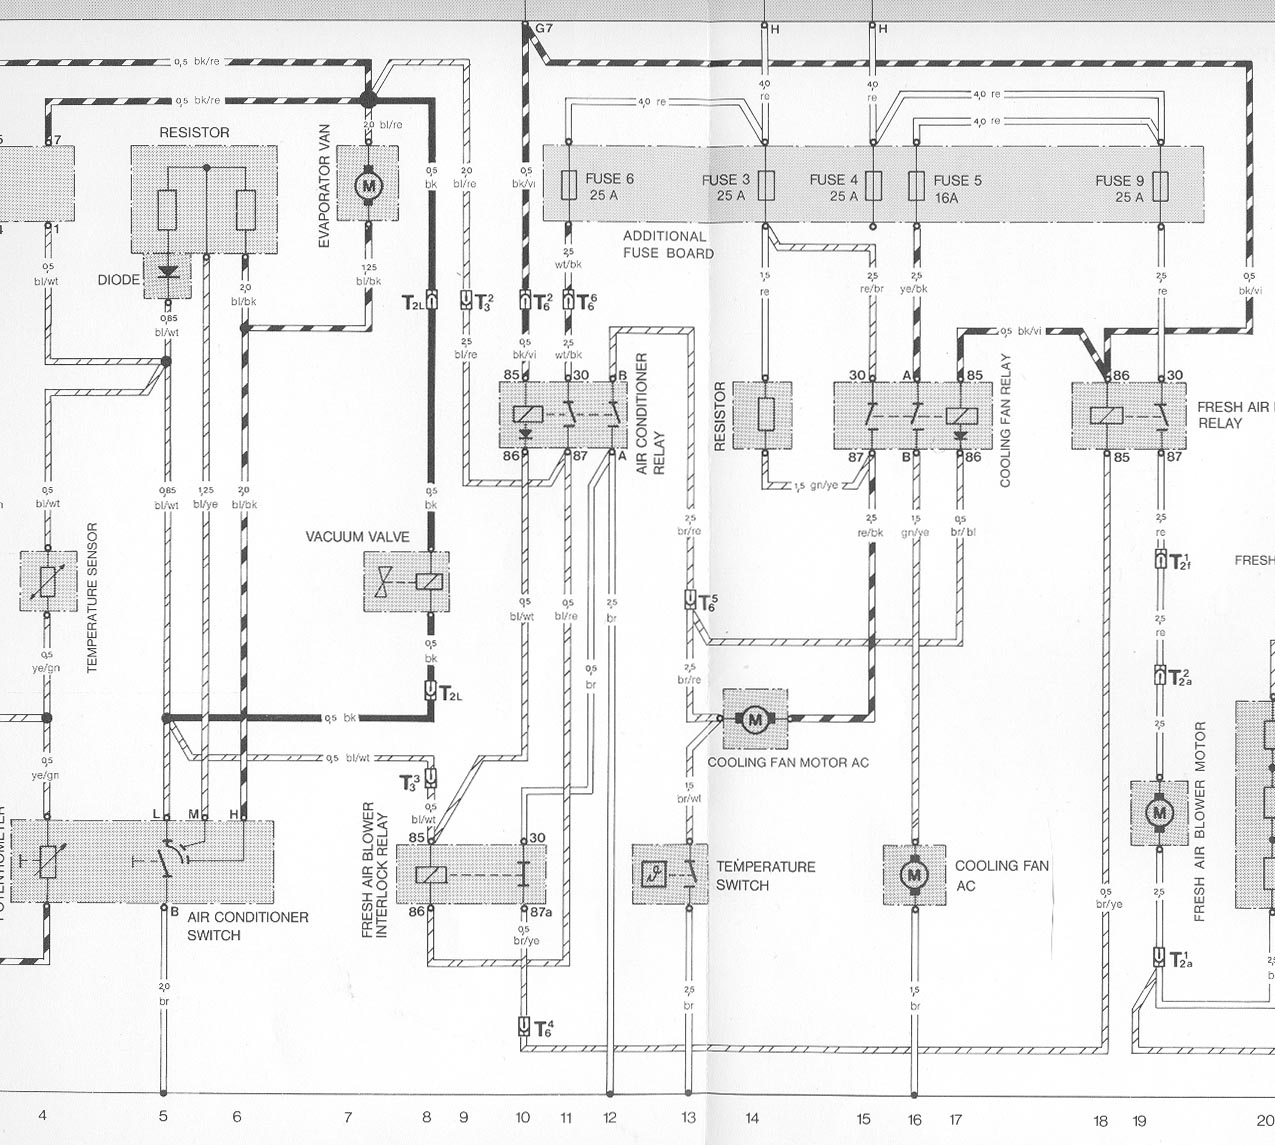 Schema faisceau electrique yamaha dt 50